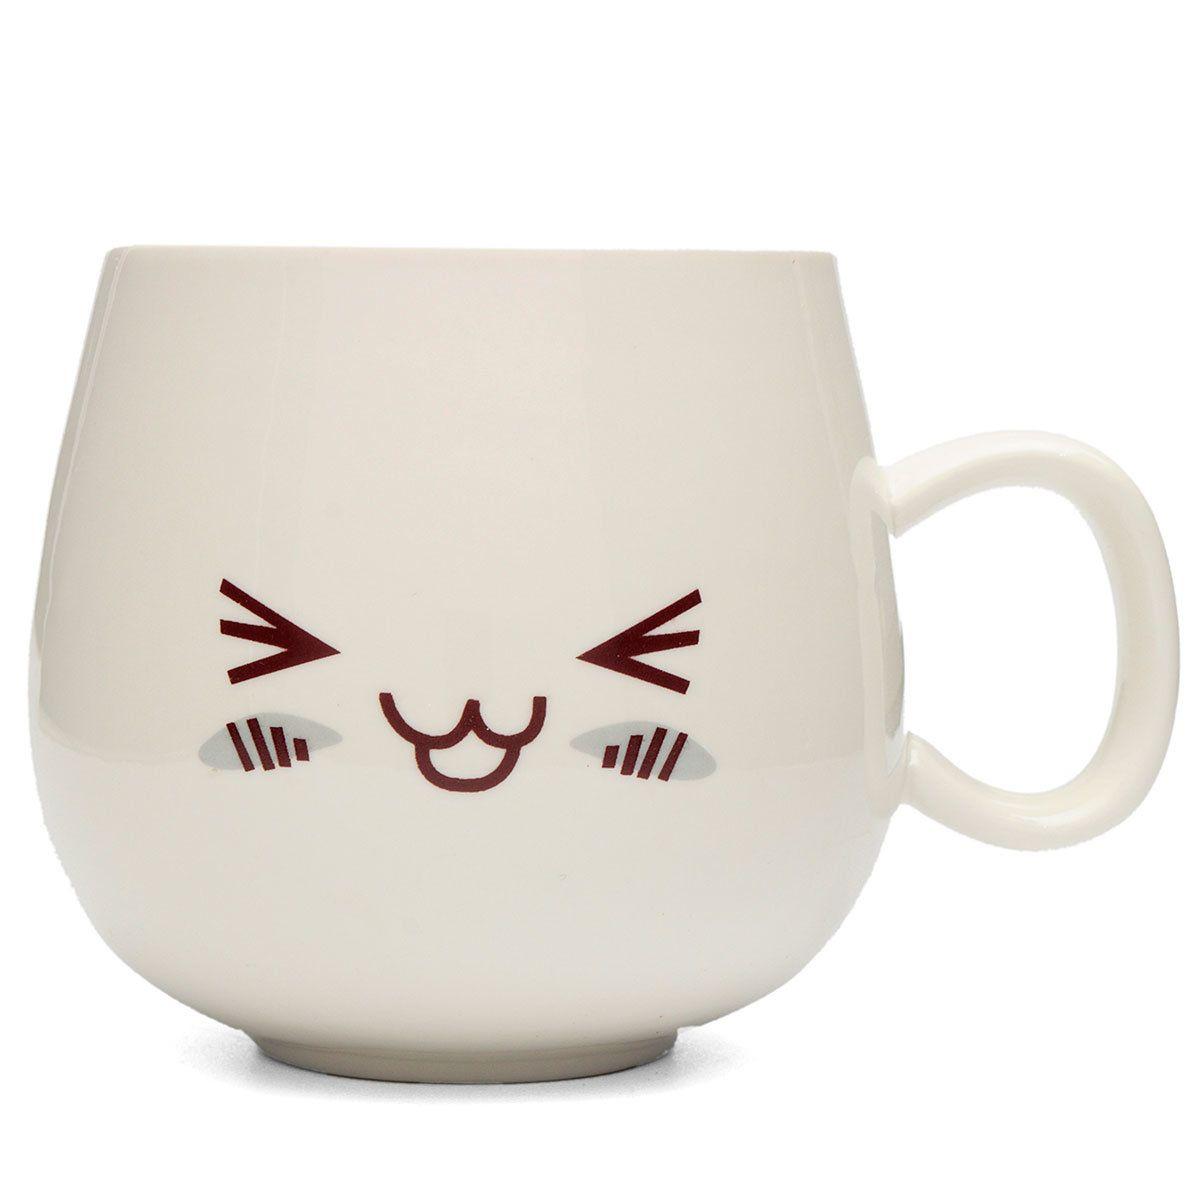 300ml creative cute expression ceramic cups cute face mug